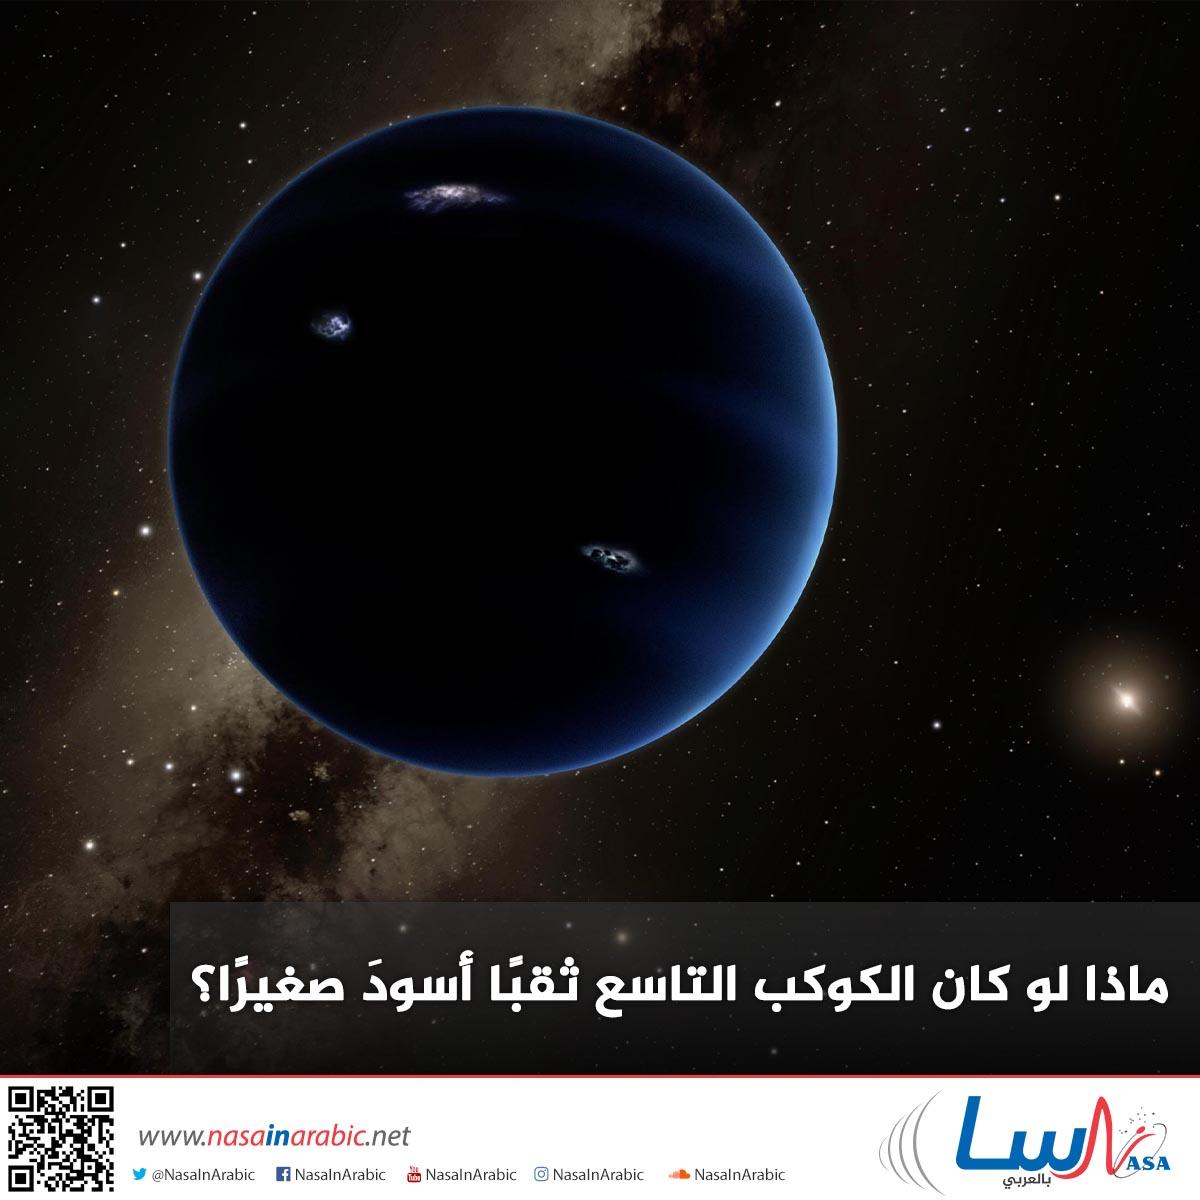 ماذا لو كان الكوكب التاسع ثقبًا أسودَ صغيرًا؟